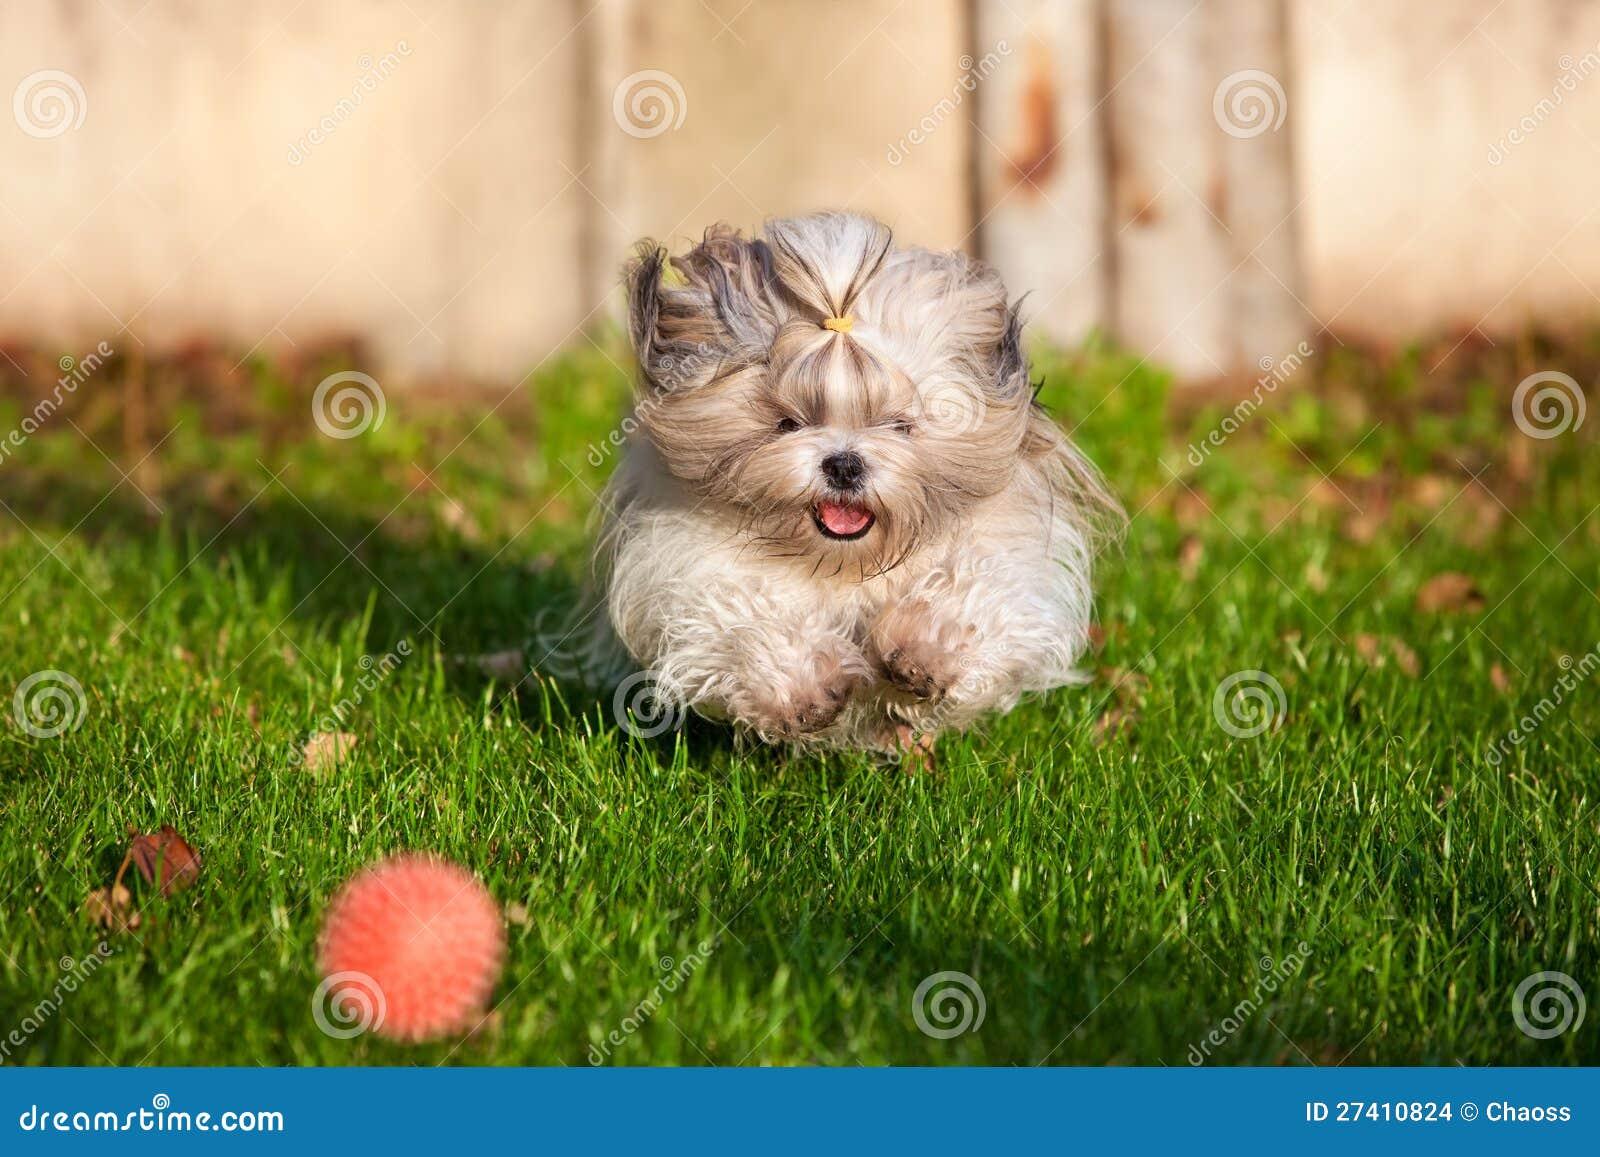 Shih tzu dog running